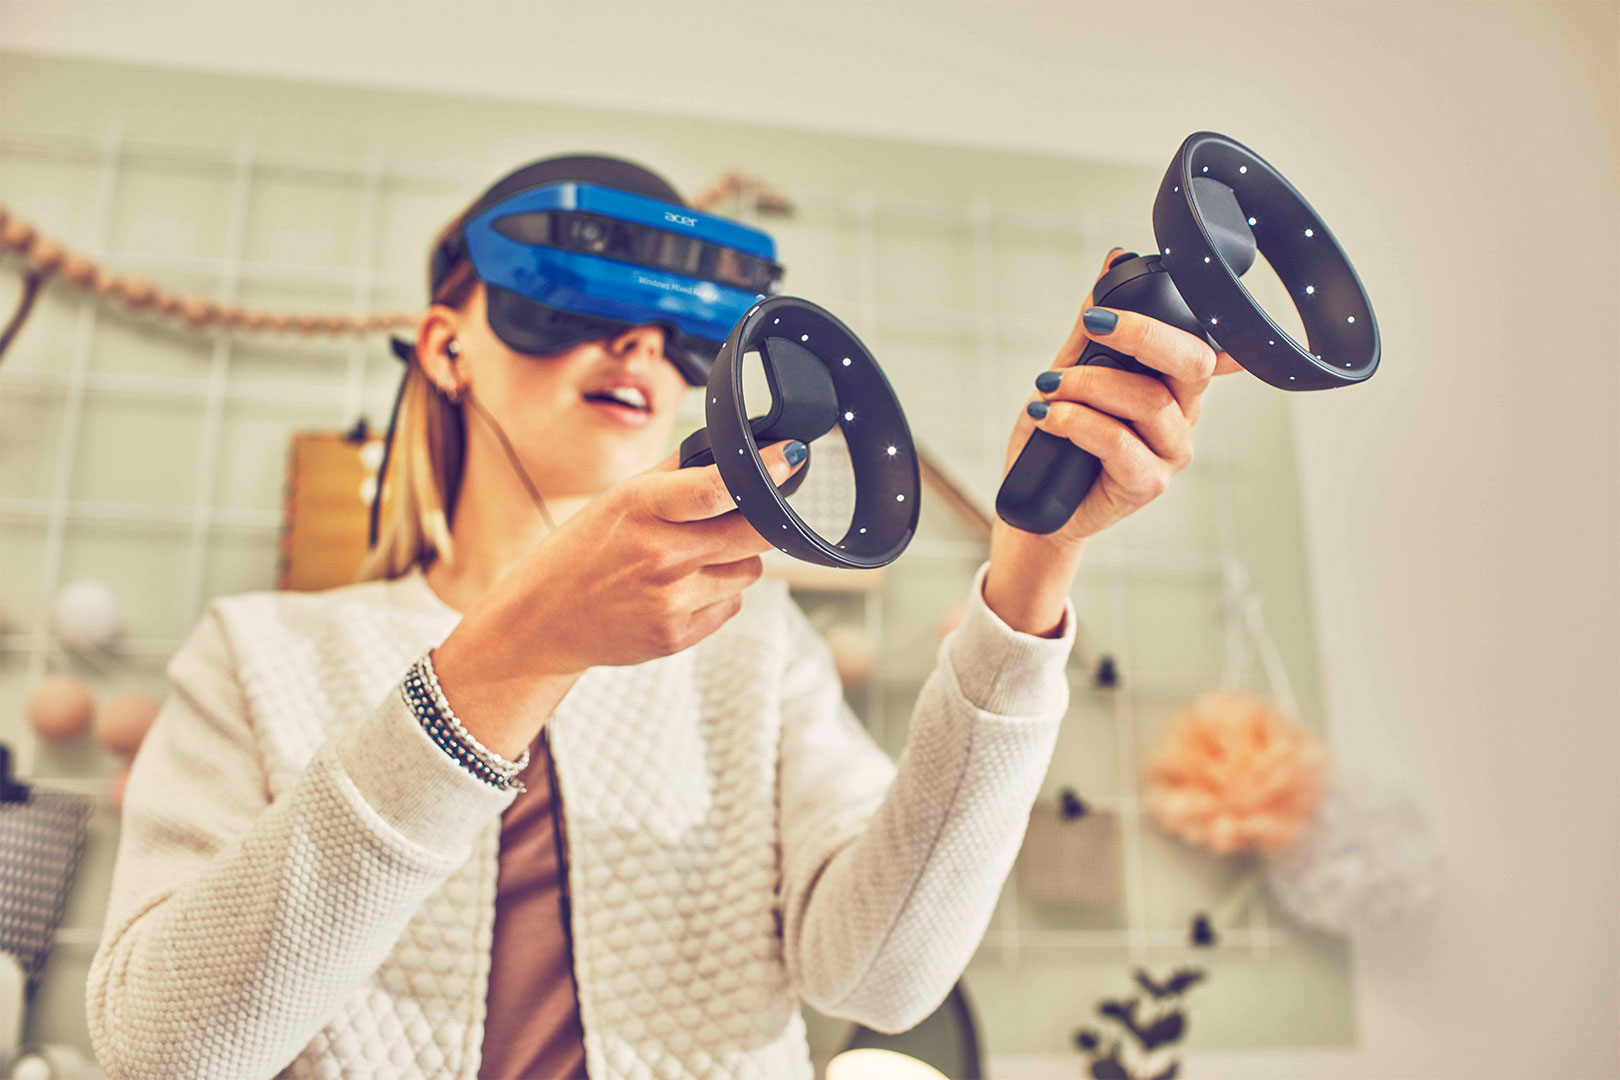 *Sponsored Video* Im Wohnzimmer neue Welten entdecken – mit der Mixed Reality von Microsoft